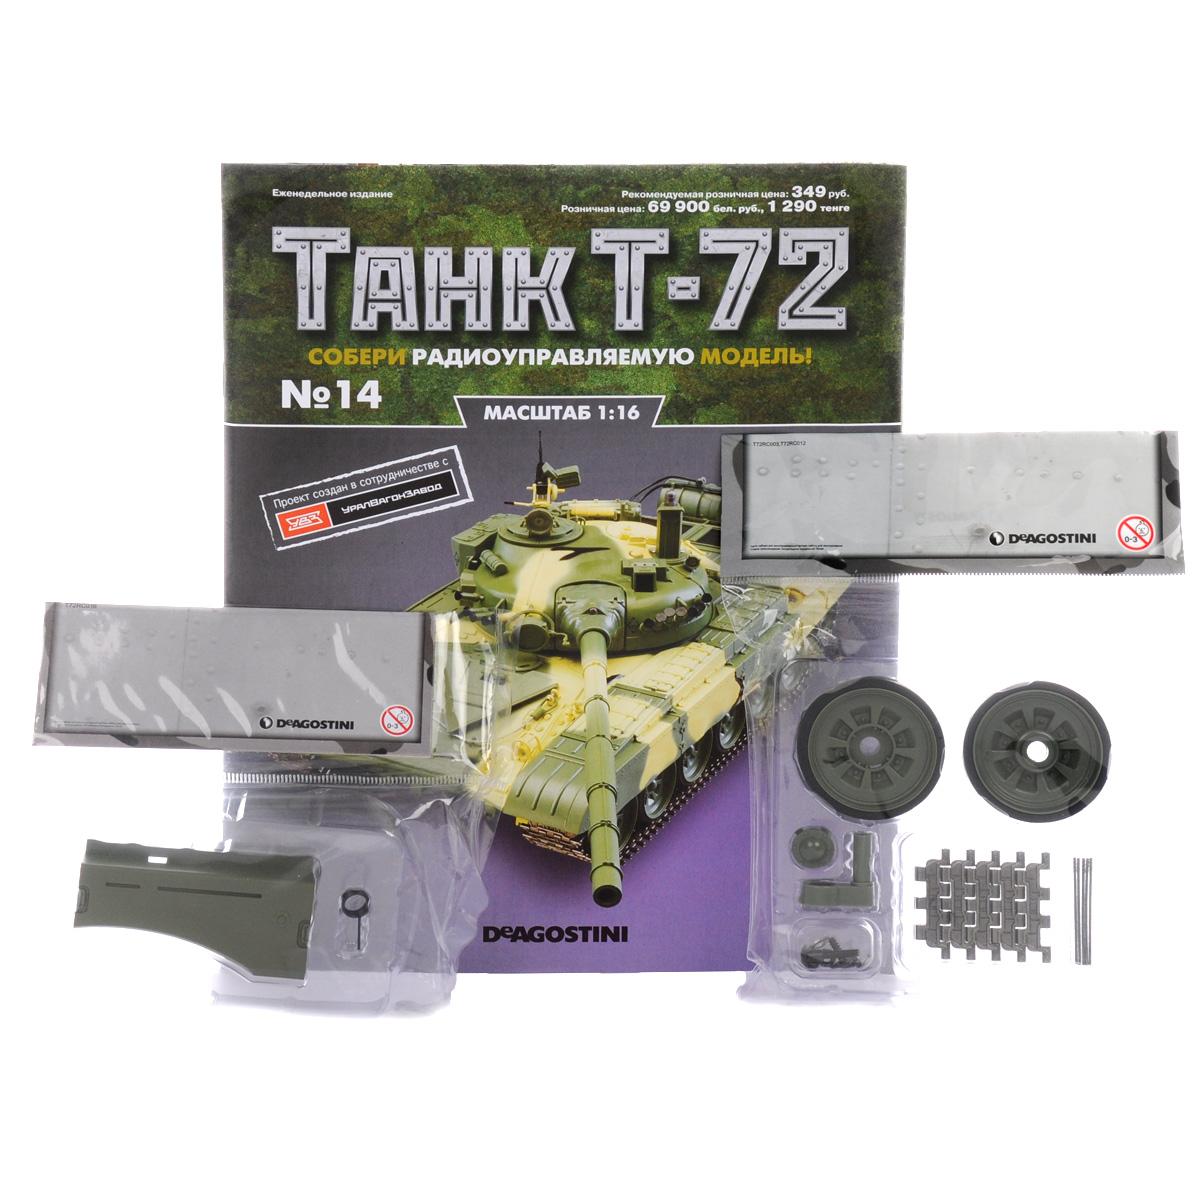 Журнал Танк Т-72 №14TRC014Издательский дом DeAgostini выпустил уникальную серию партворков Танк Т-72 с увлекательной информацией о легендарных боевых машинах и элементами для сборки копии танка Т-72 в уменьшенном варианте 1:16. У вас есть возможность собственноручно создать высококачественную модель этого знаменитого танка с достоверным воспроизведением всех элементов, сохранением функций подлинной боевой машины и дистанционным управлением. Получите удовольствие от пошаговой сборки этой замечательной модели с журнальной серией Танк Т-72 компании ДеАгостини! Масштаб - 1:16. Категория 16+.